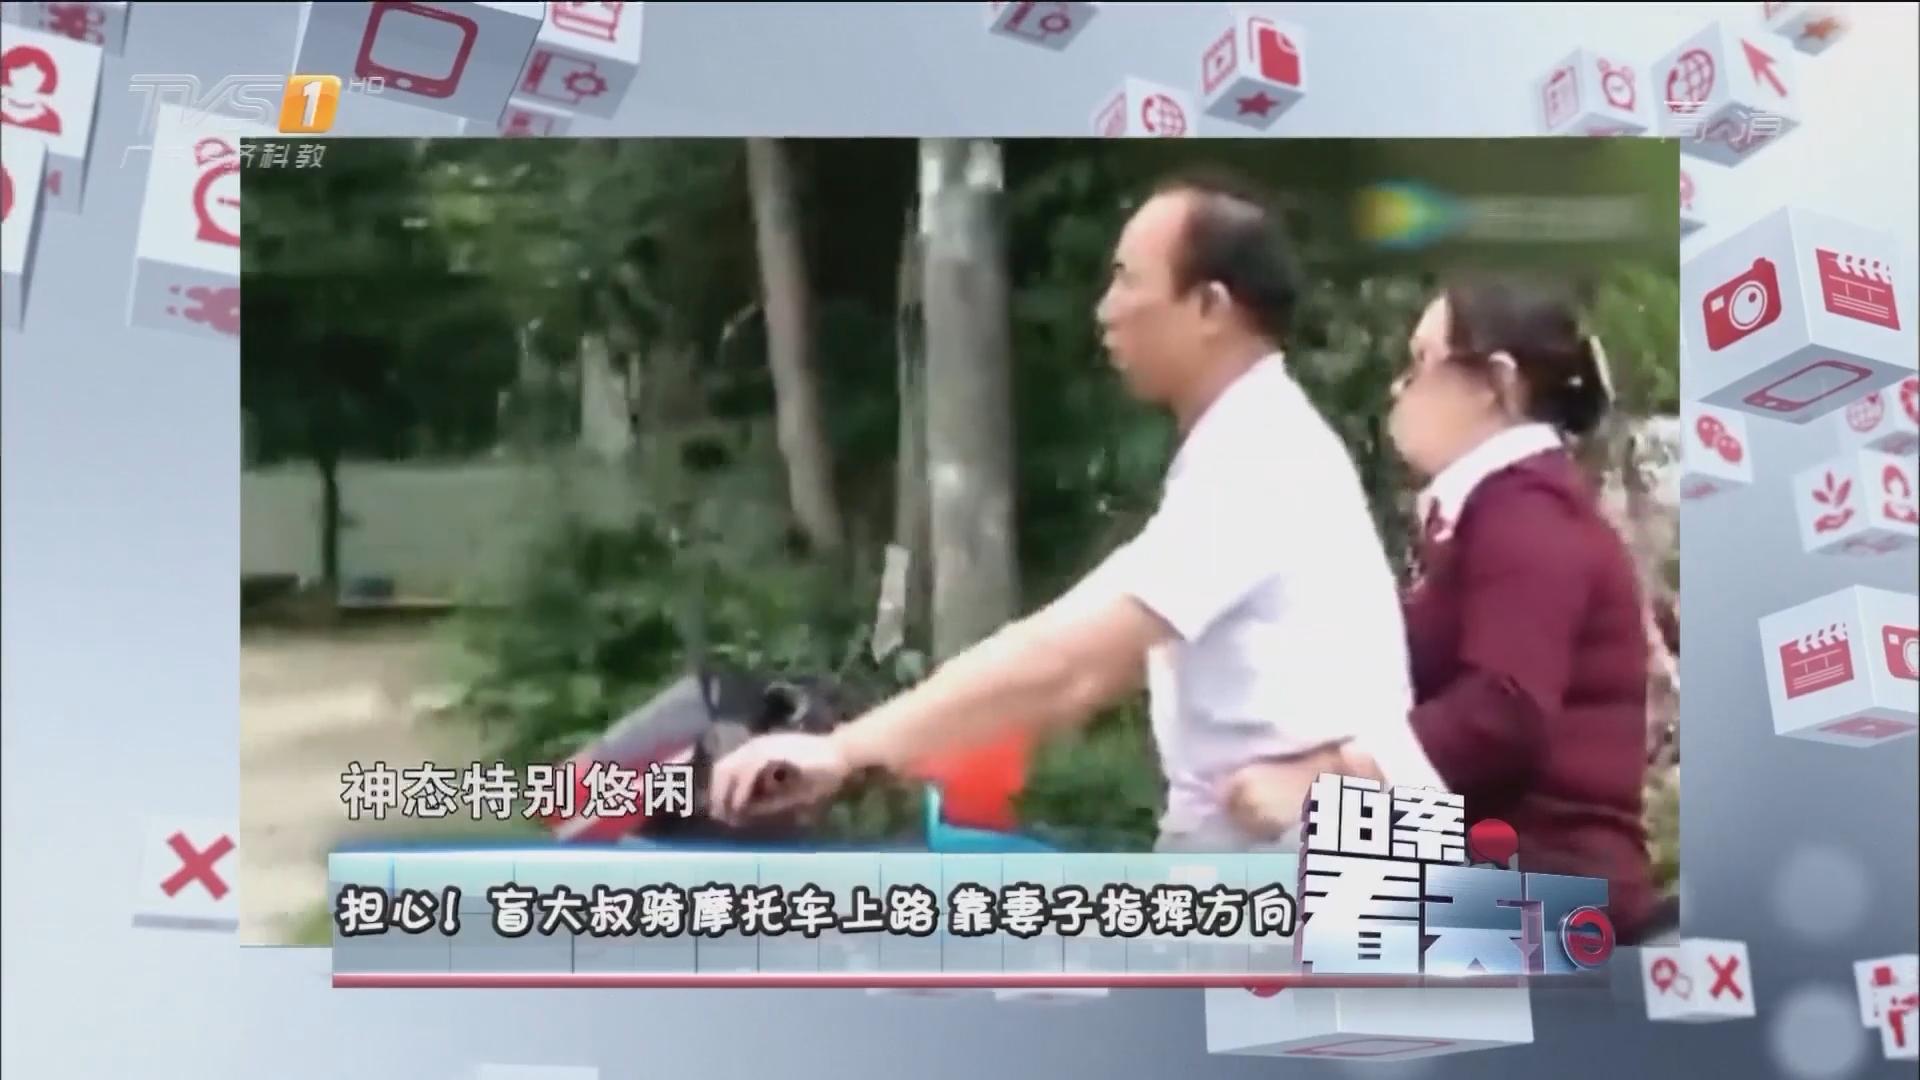 担心!盲大叔骑摩托上路 靠妻子指挥方向